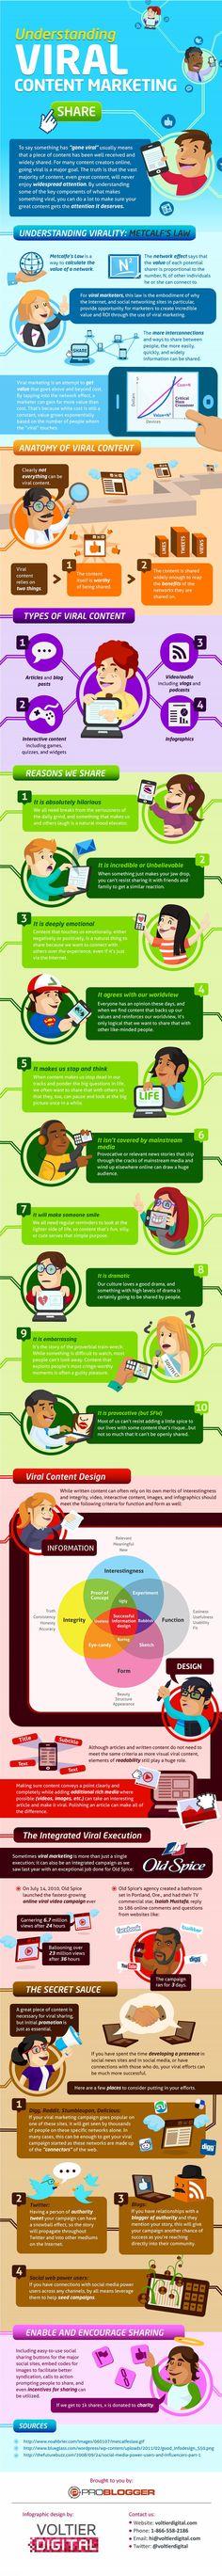 Understanding Viral #ContentMarketing #Infographic